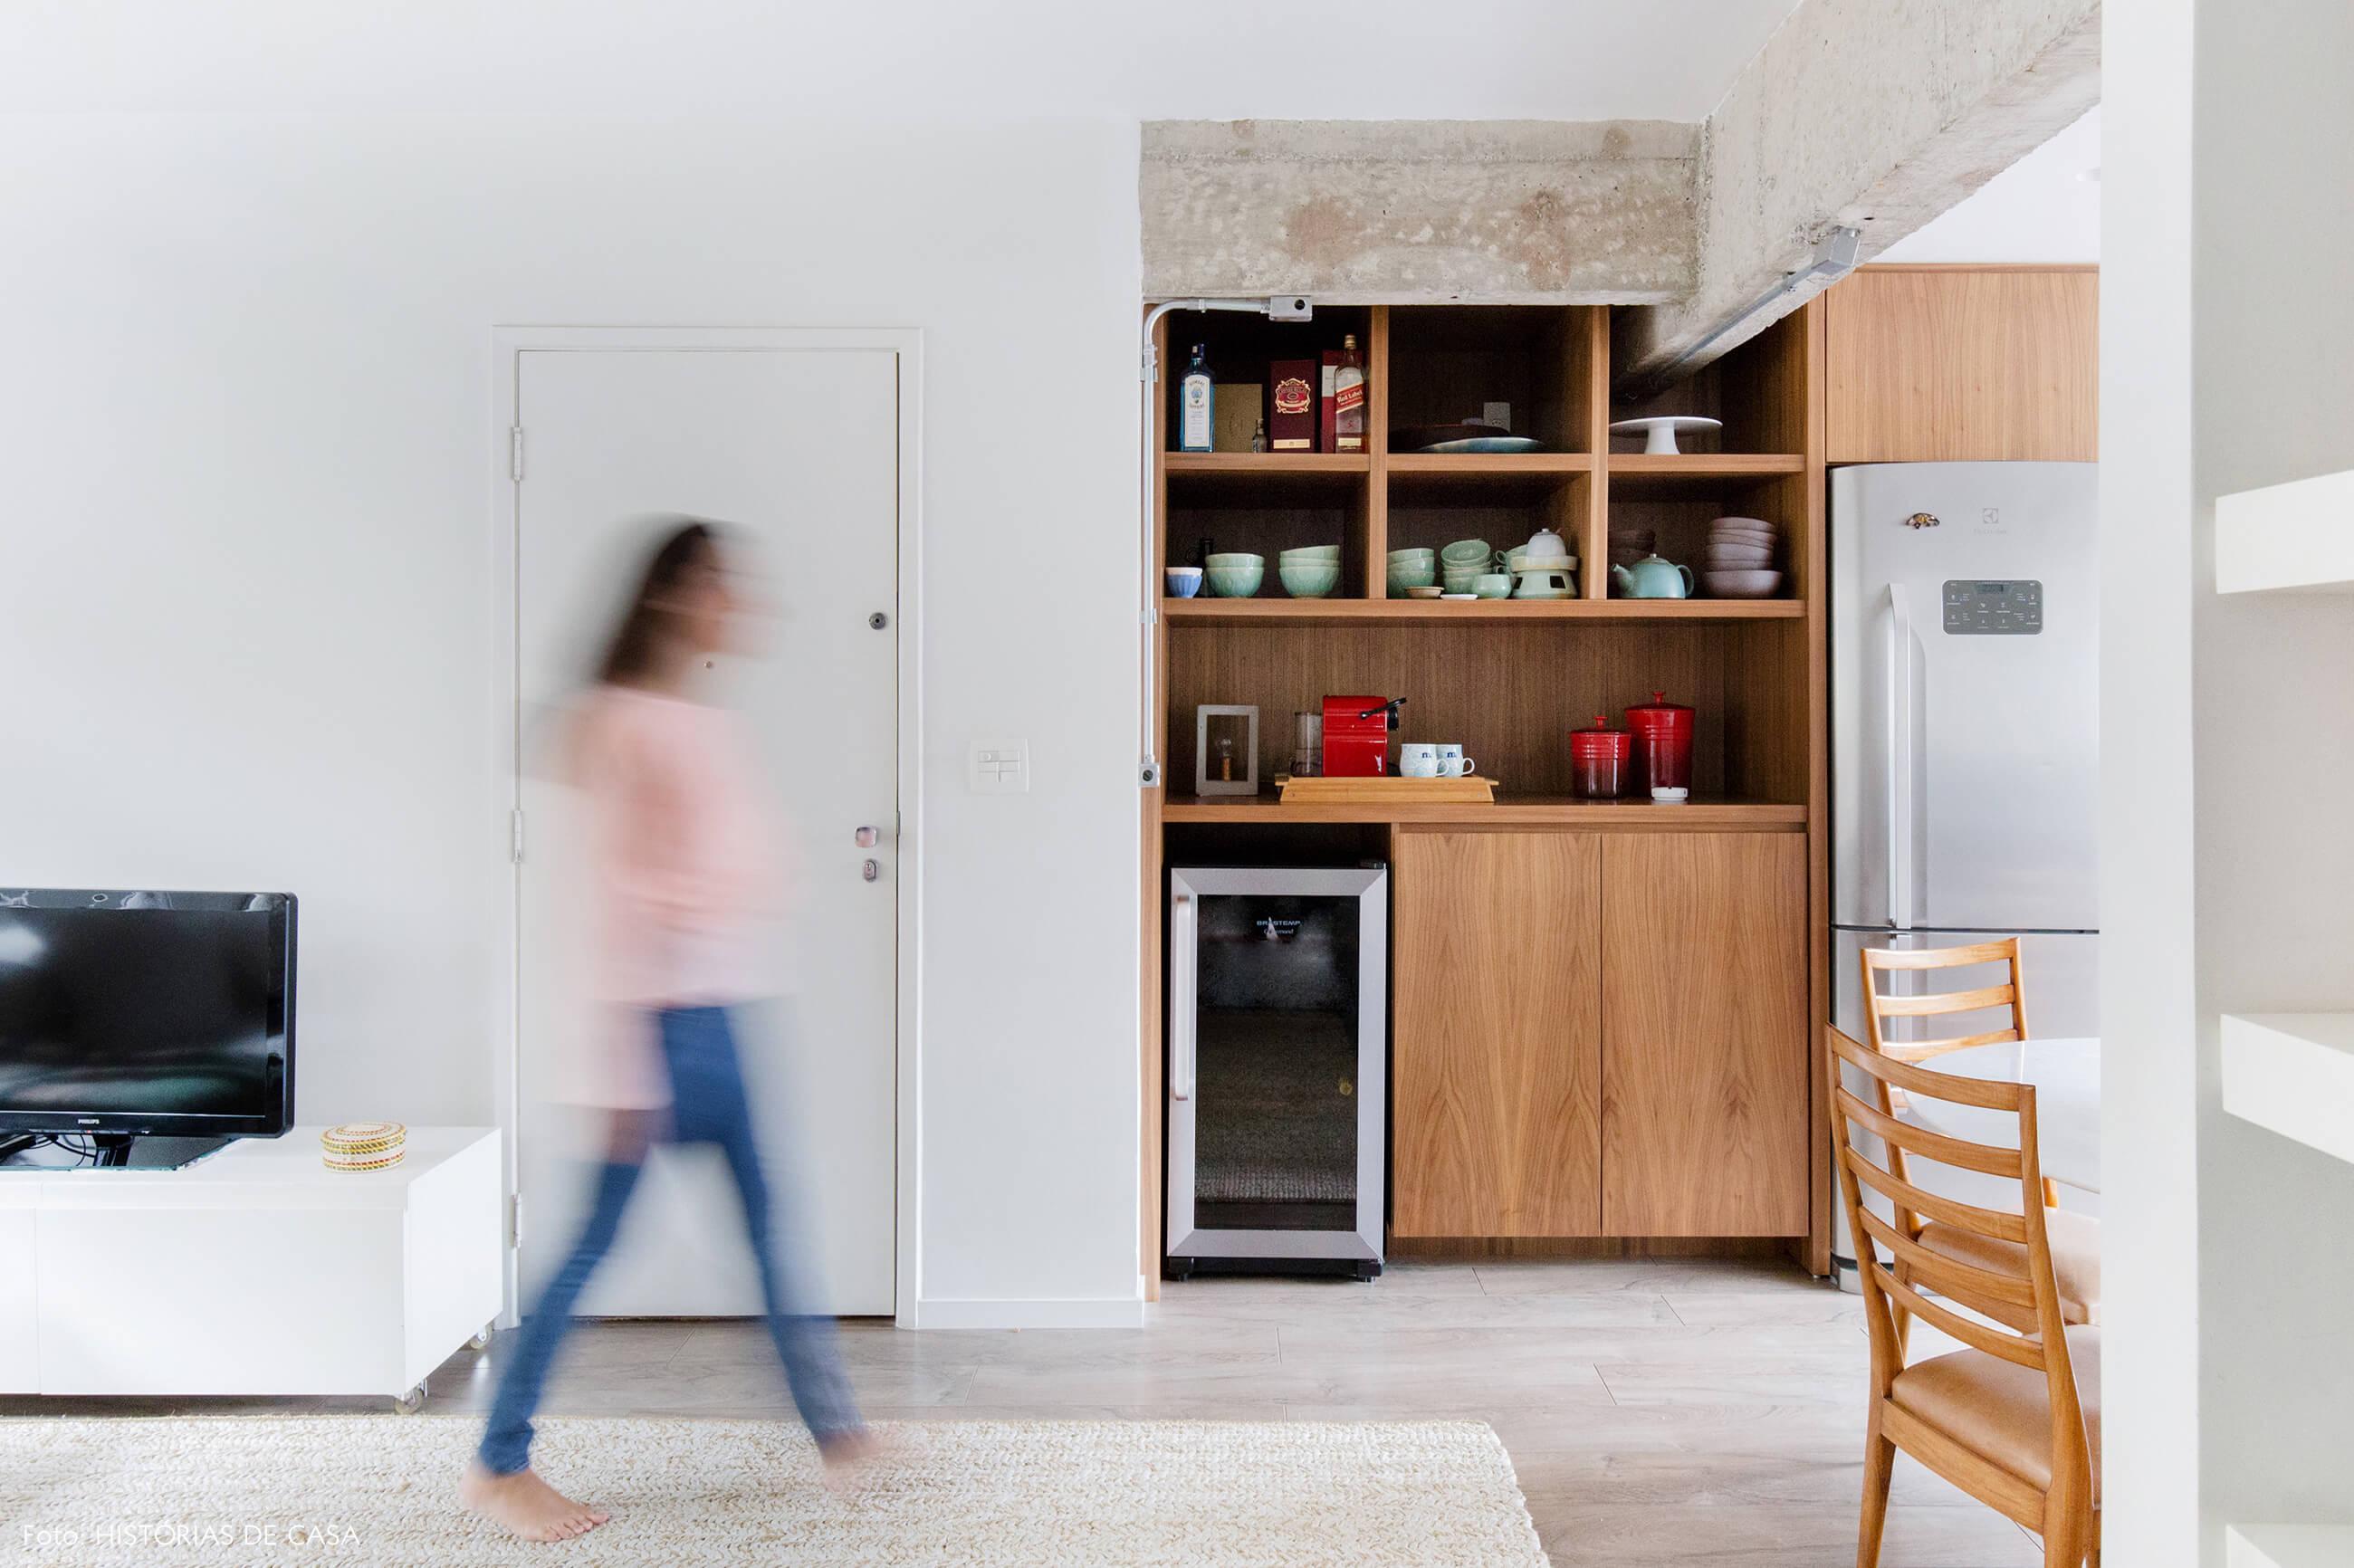 Cozinha integrada após a reforma, com móveis de madeira e nicho para adega